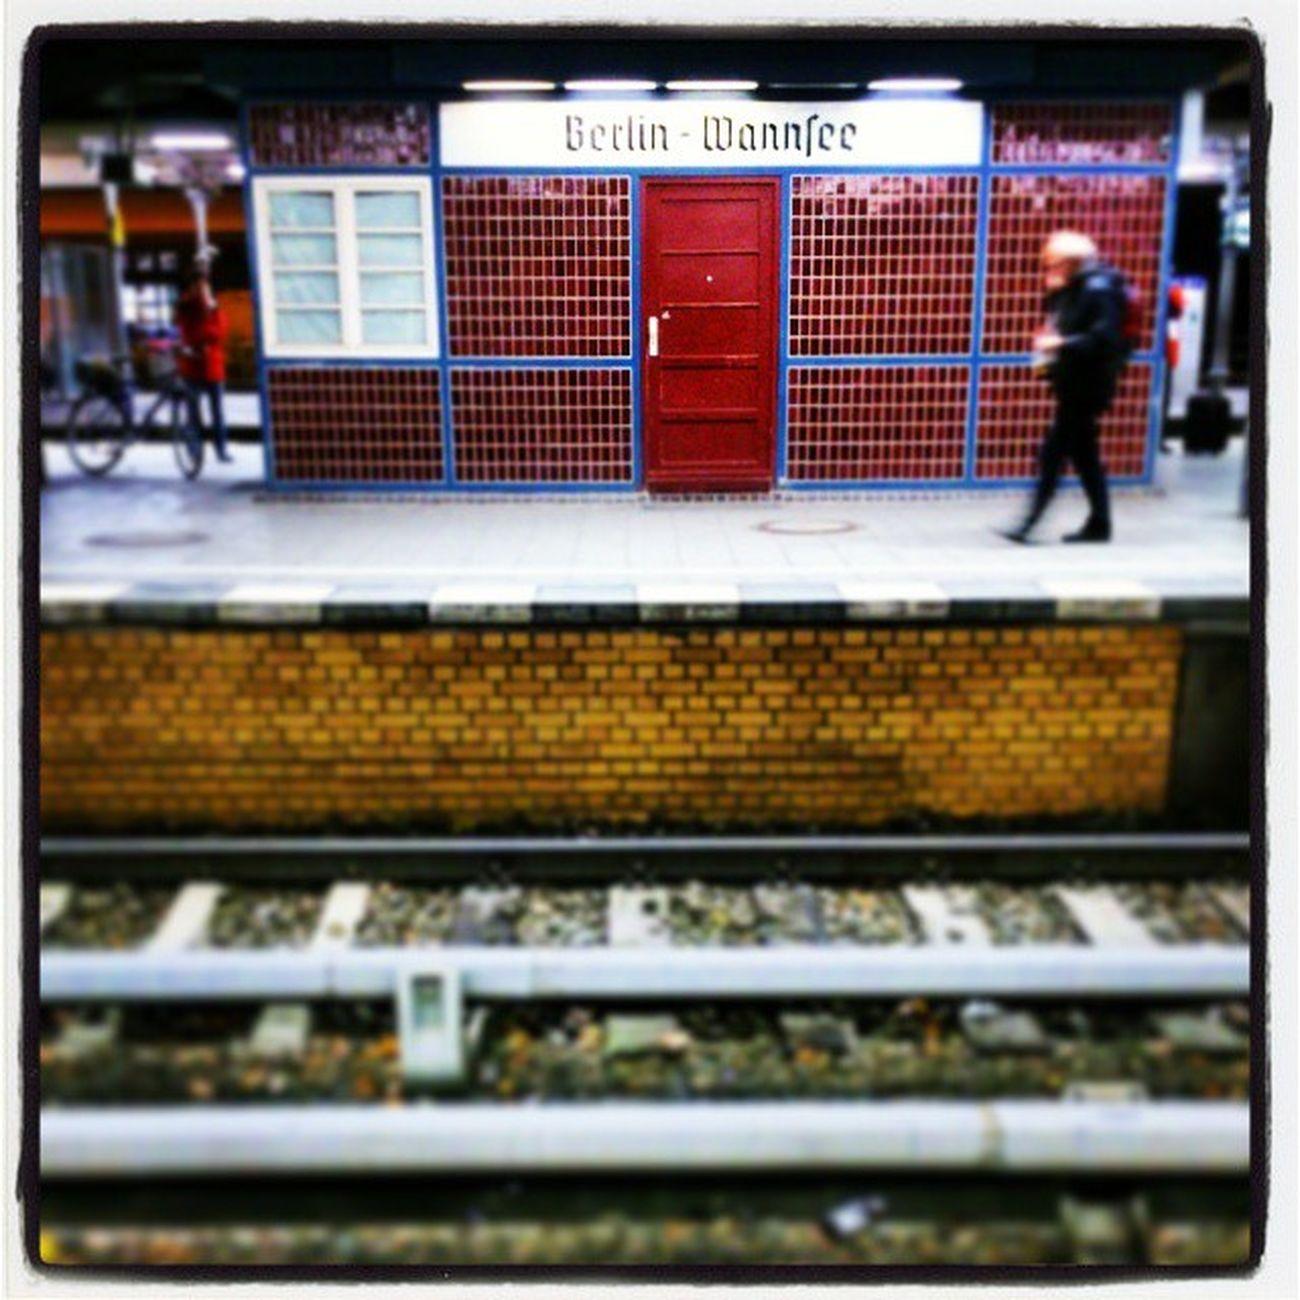 Wenn's wieder länger dauert, mach ich ein Foto Waiting Warten Wartezeit Train Gleis Wannsee Bhf Bahnhof S-Bahn Bahnsteig